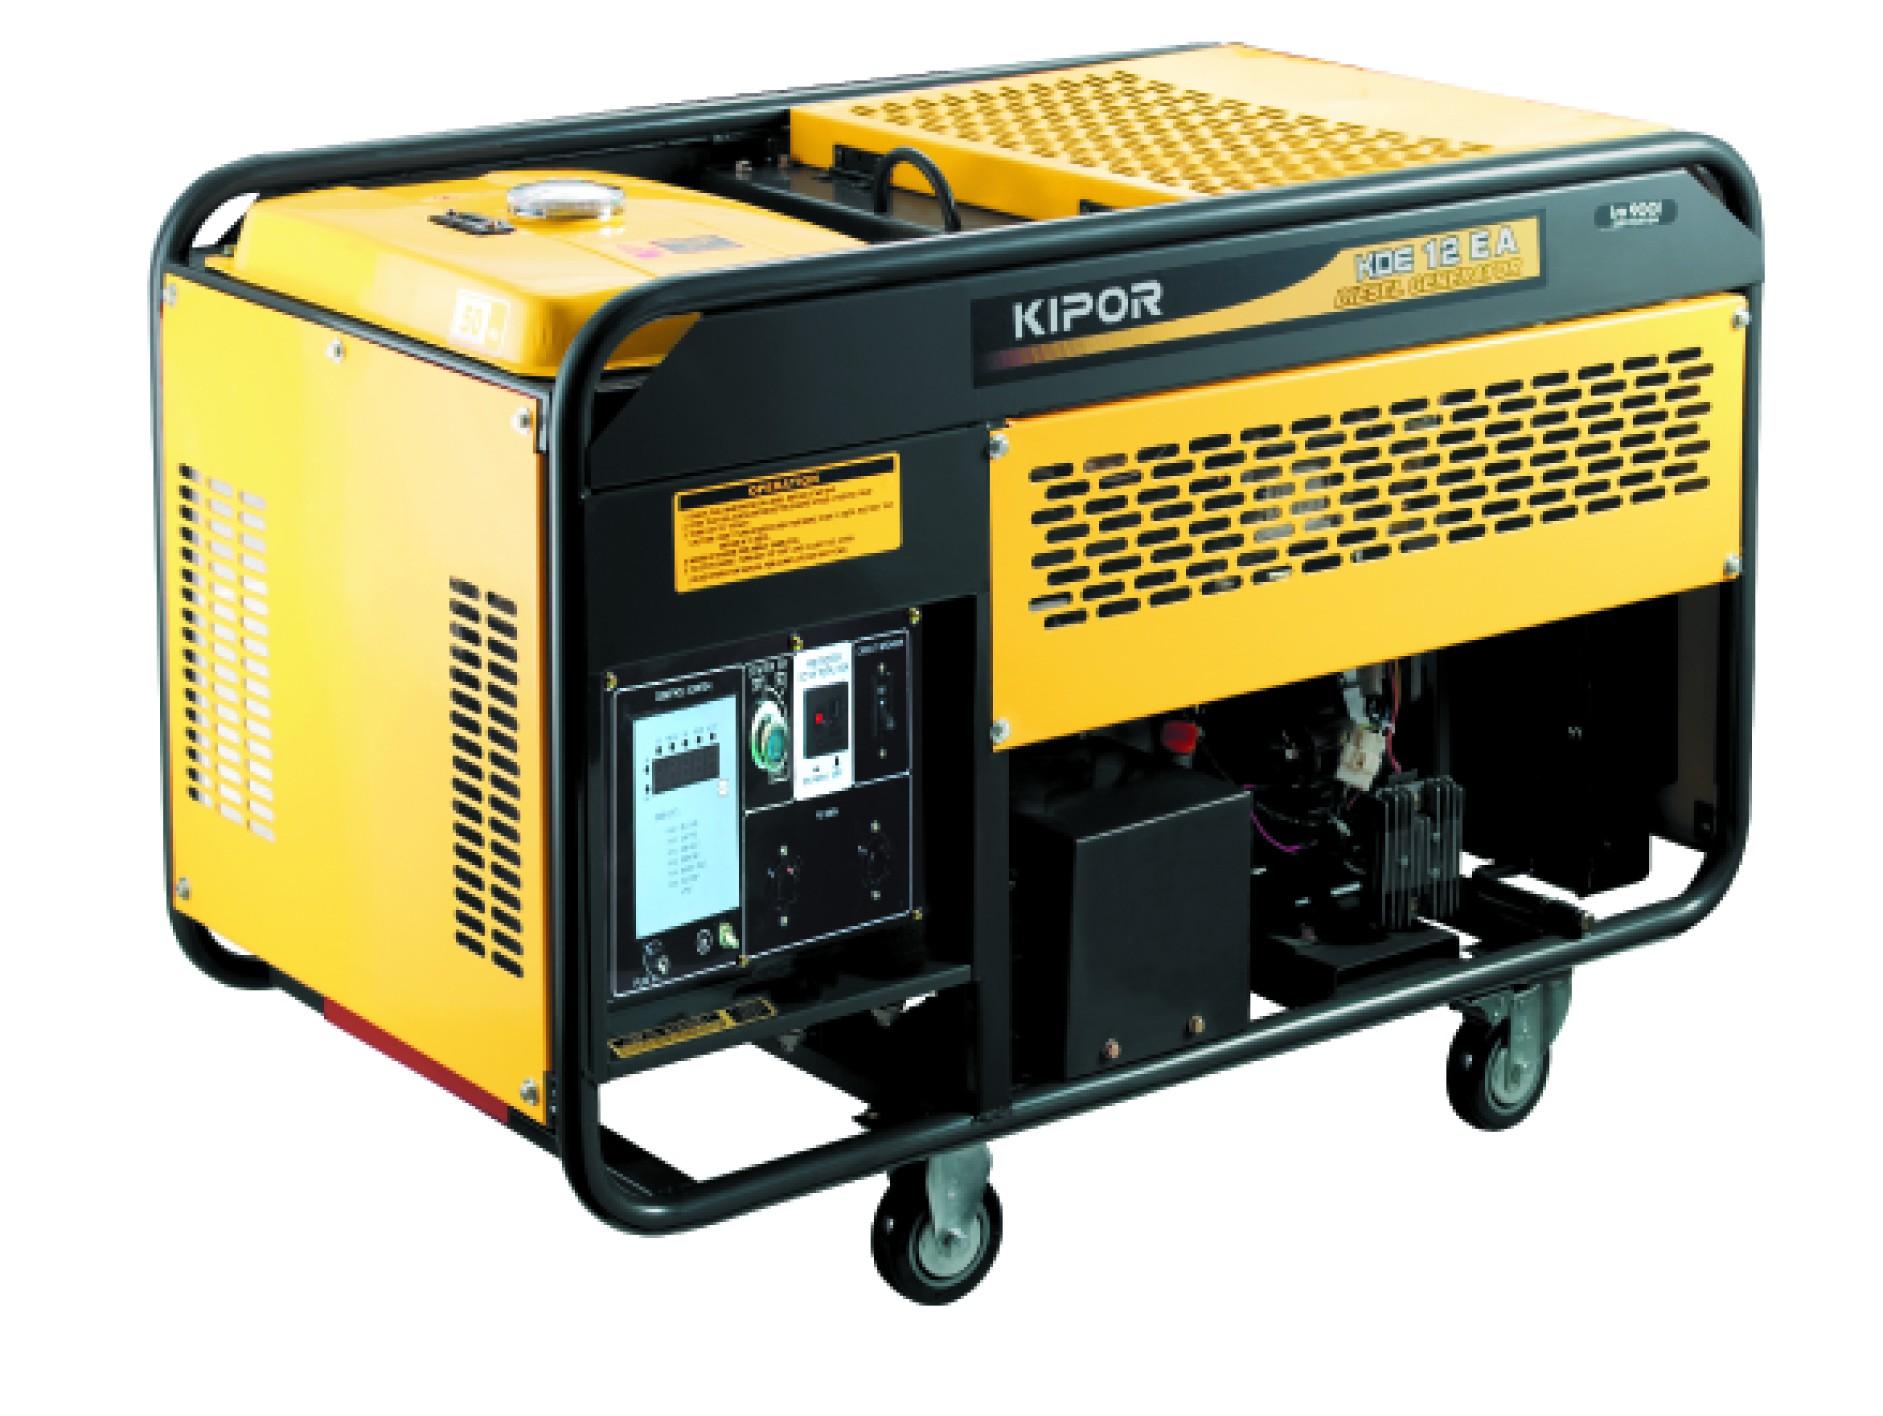 Купит бензиновый или дизельный генератор сварочный аппарат инверторный 180а